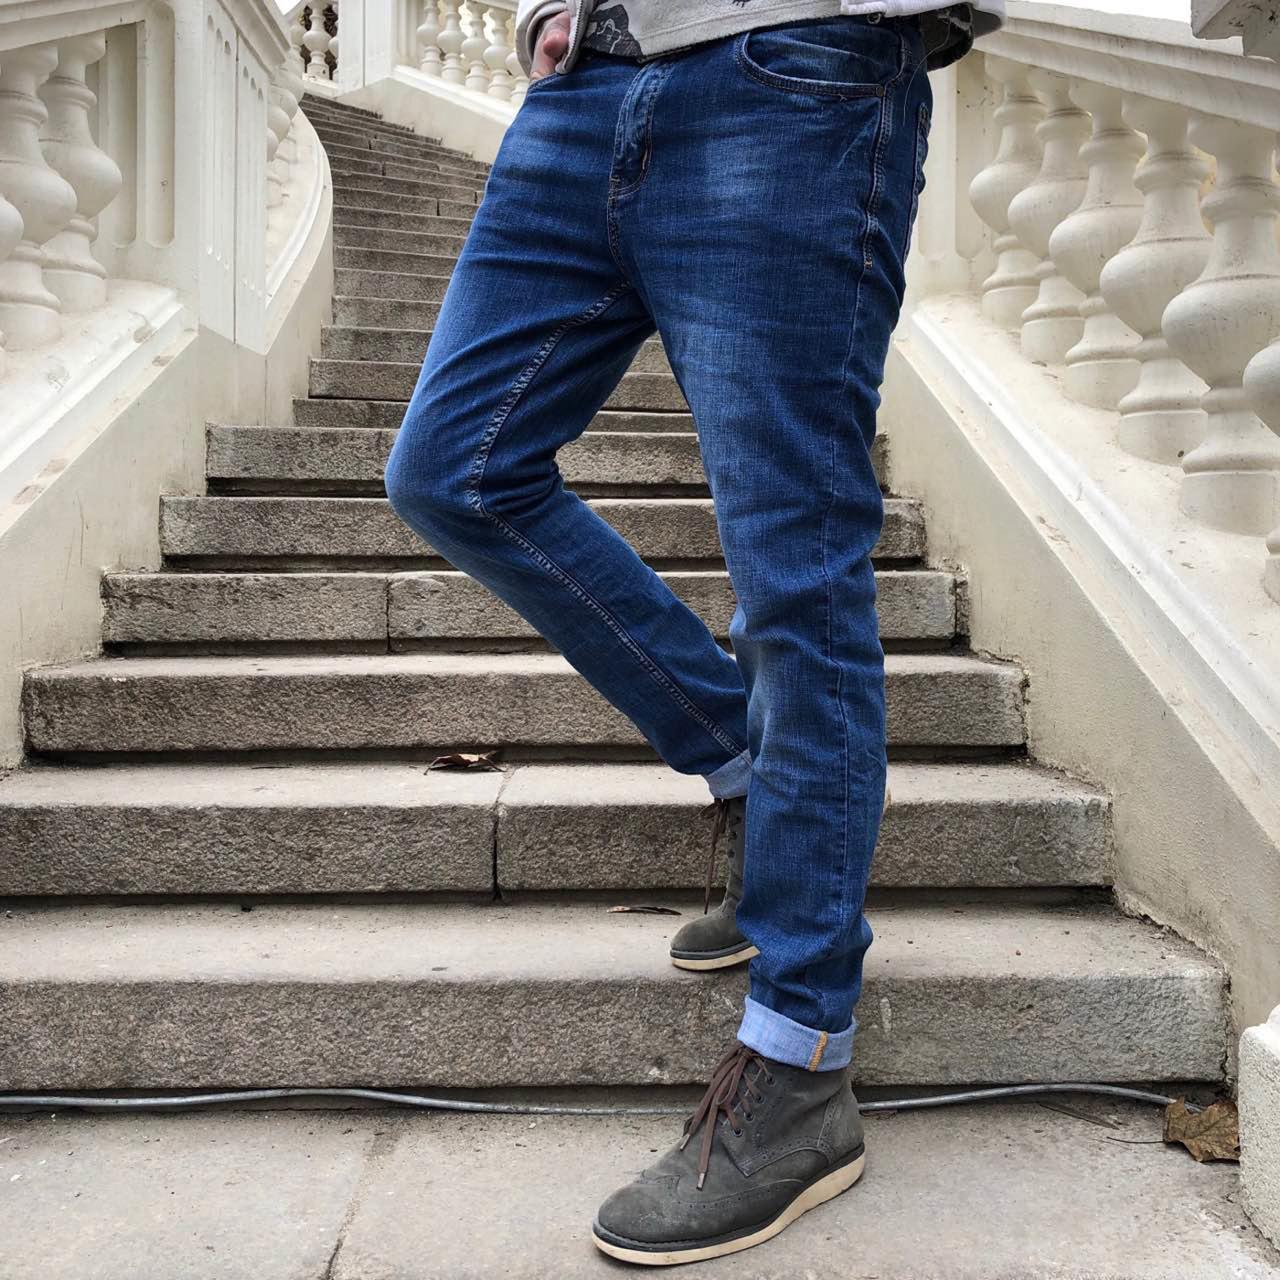 8078 Resalsa джинси чоловічі звужені весняні стрейчеві (30-4, 4 од.)